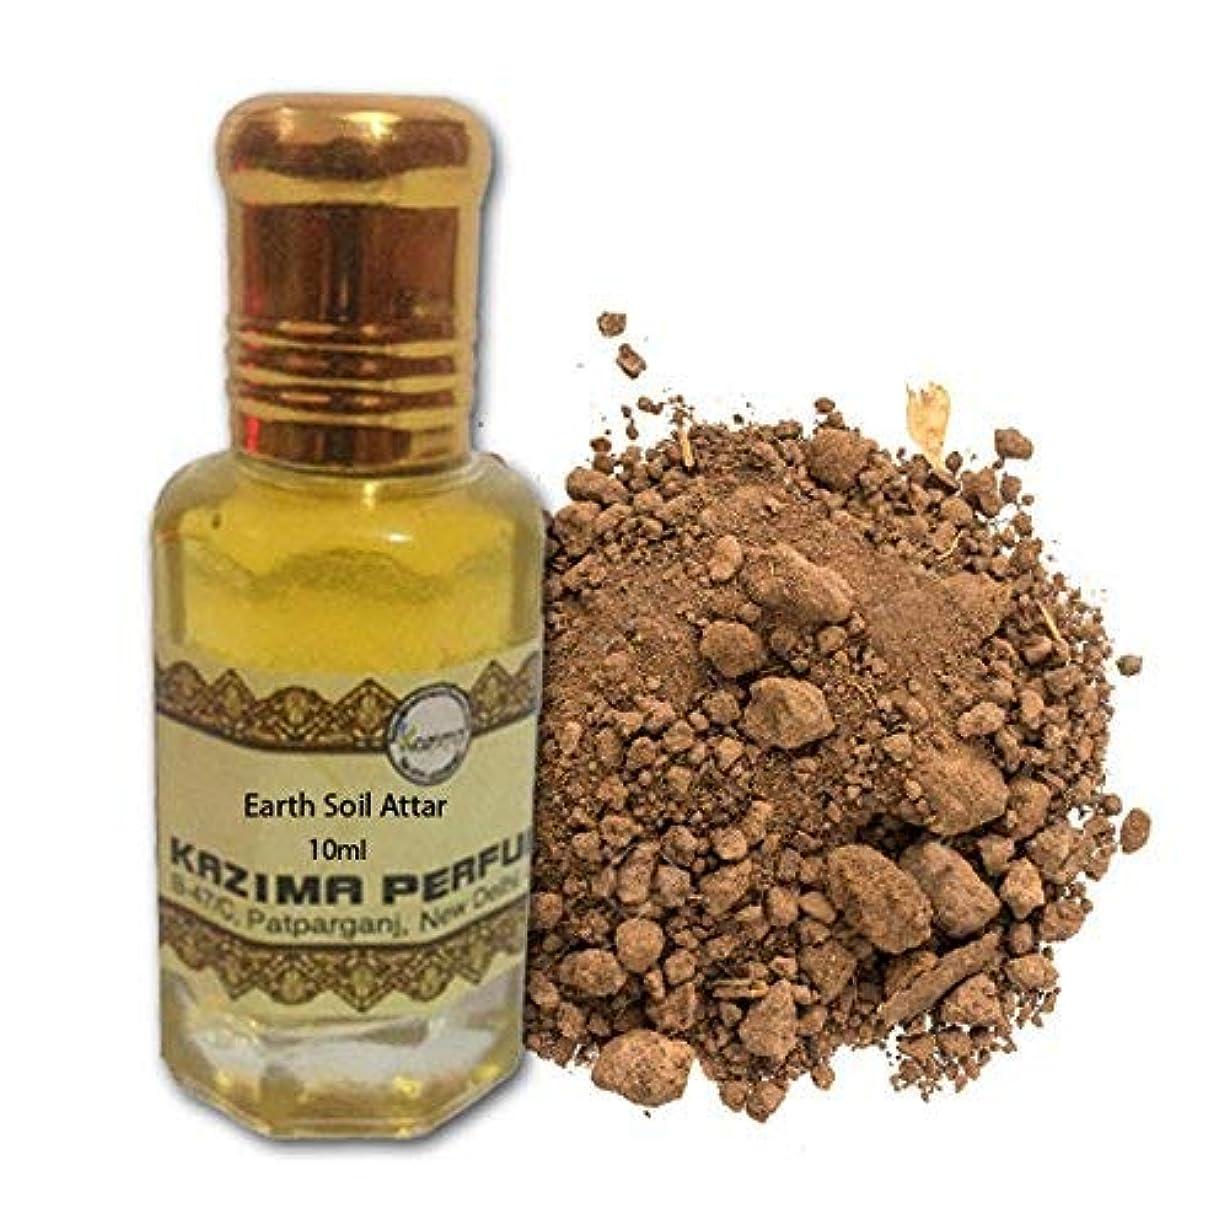 ハリウッドスツール昆虫を見る地球の土壌アター香水 - ピュアナチュラル希釈していない(10ミリリットル)|アターITRA最高品質の香水はアターを持続長いスプレー